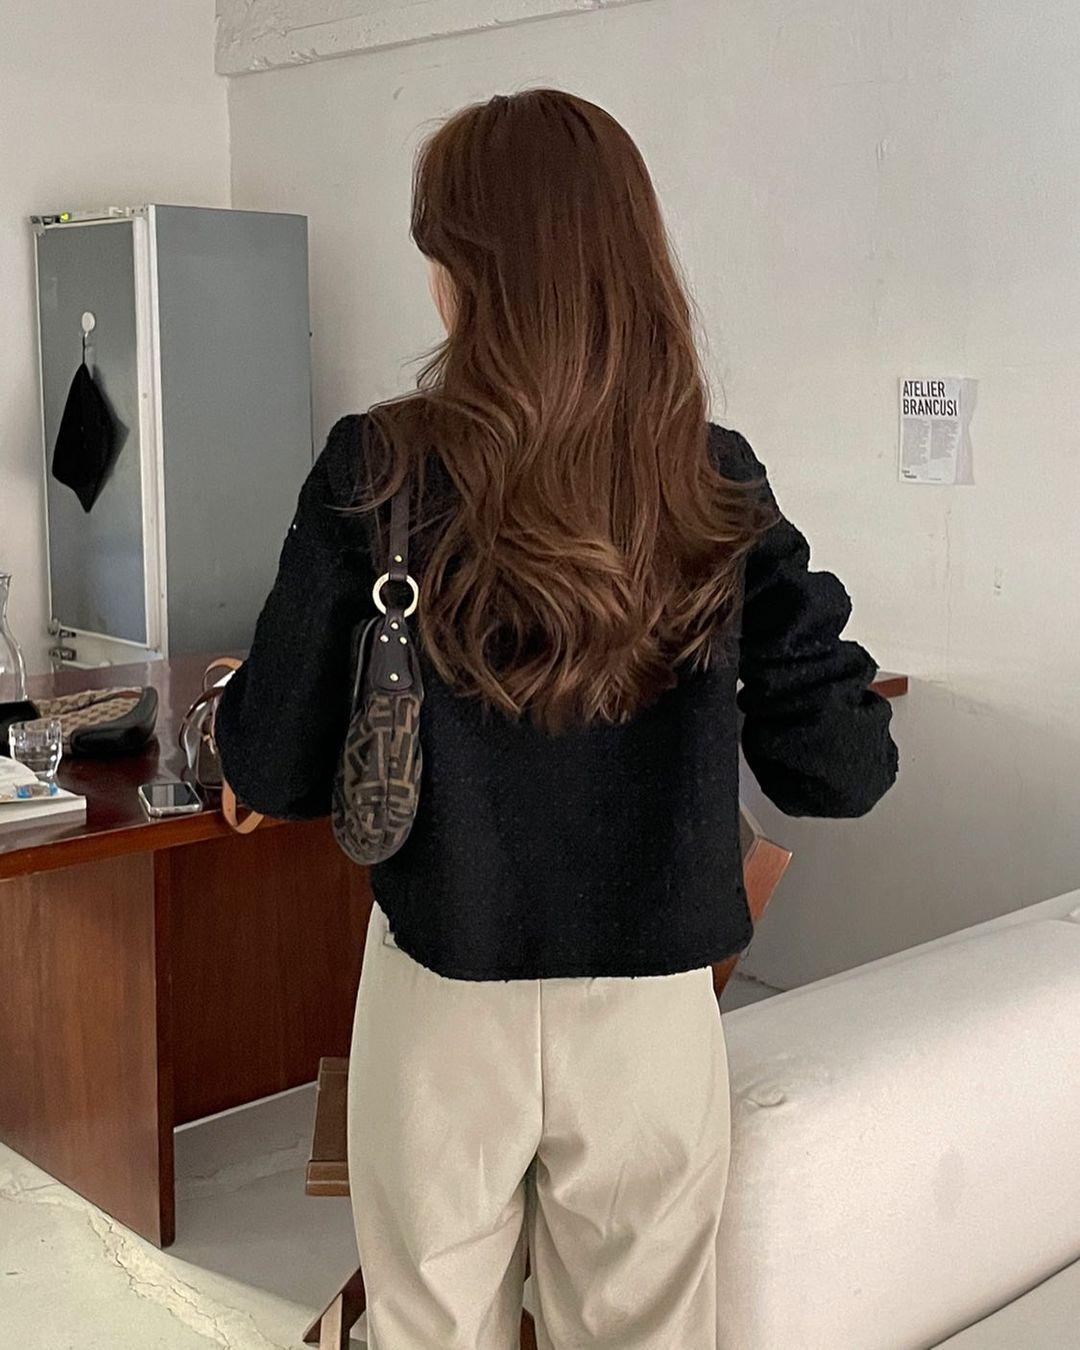 Chuyên gia Hàn Quốc hé lộ cách chăm sóc tóc chuẩn chỉnh giúp tóc bồng bềnh như mới đi tạo kiểu ngoài tiệm - Ảnh 2.